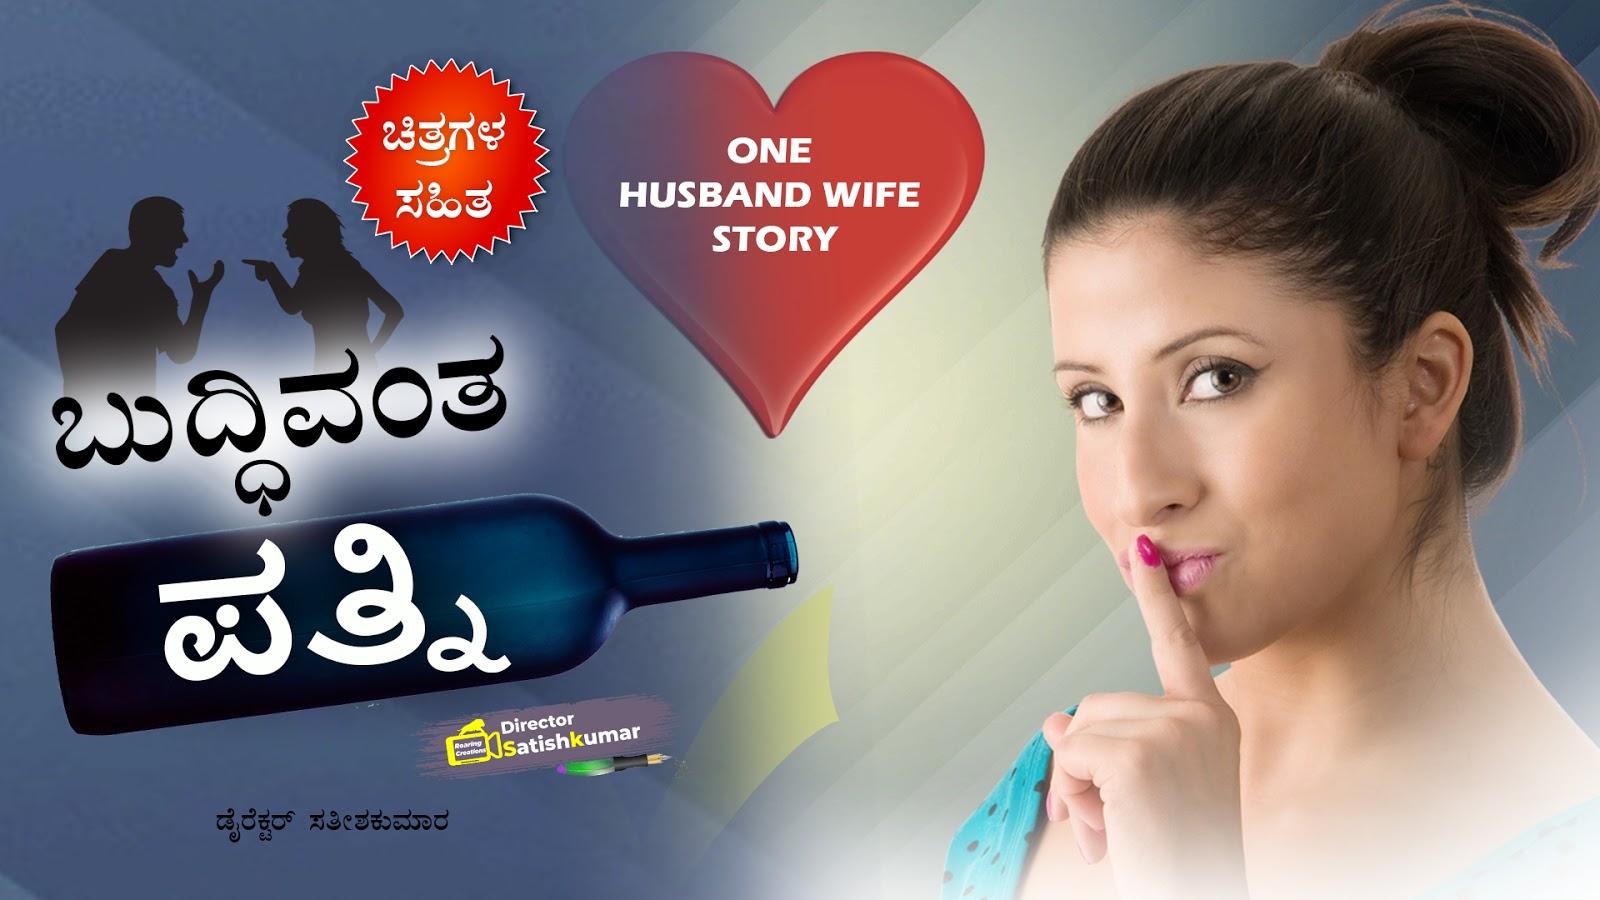 ಬುದ್ಧಿವಂತ ಪತ್ನಿ - One Husband Wife Love Story - ಕನ್ನಡ ಕಥೆ ಪುಸ್ತಕಗಳು - Kannada Story Books -  E Books Kannada - Kannada Books